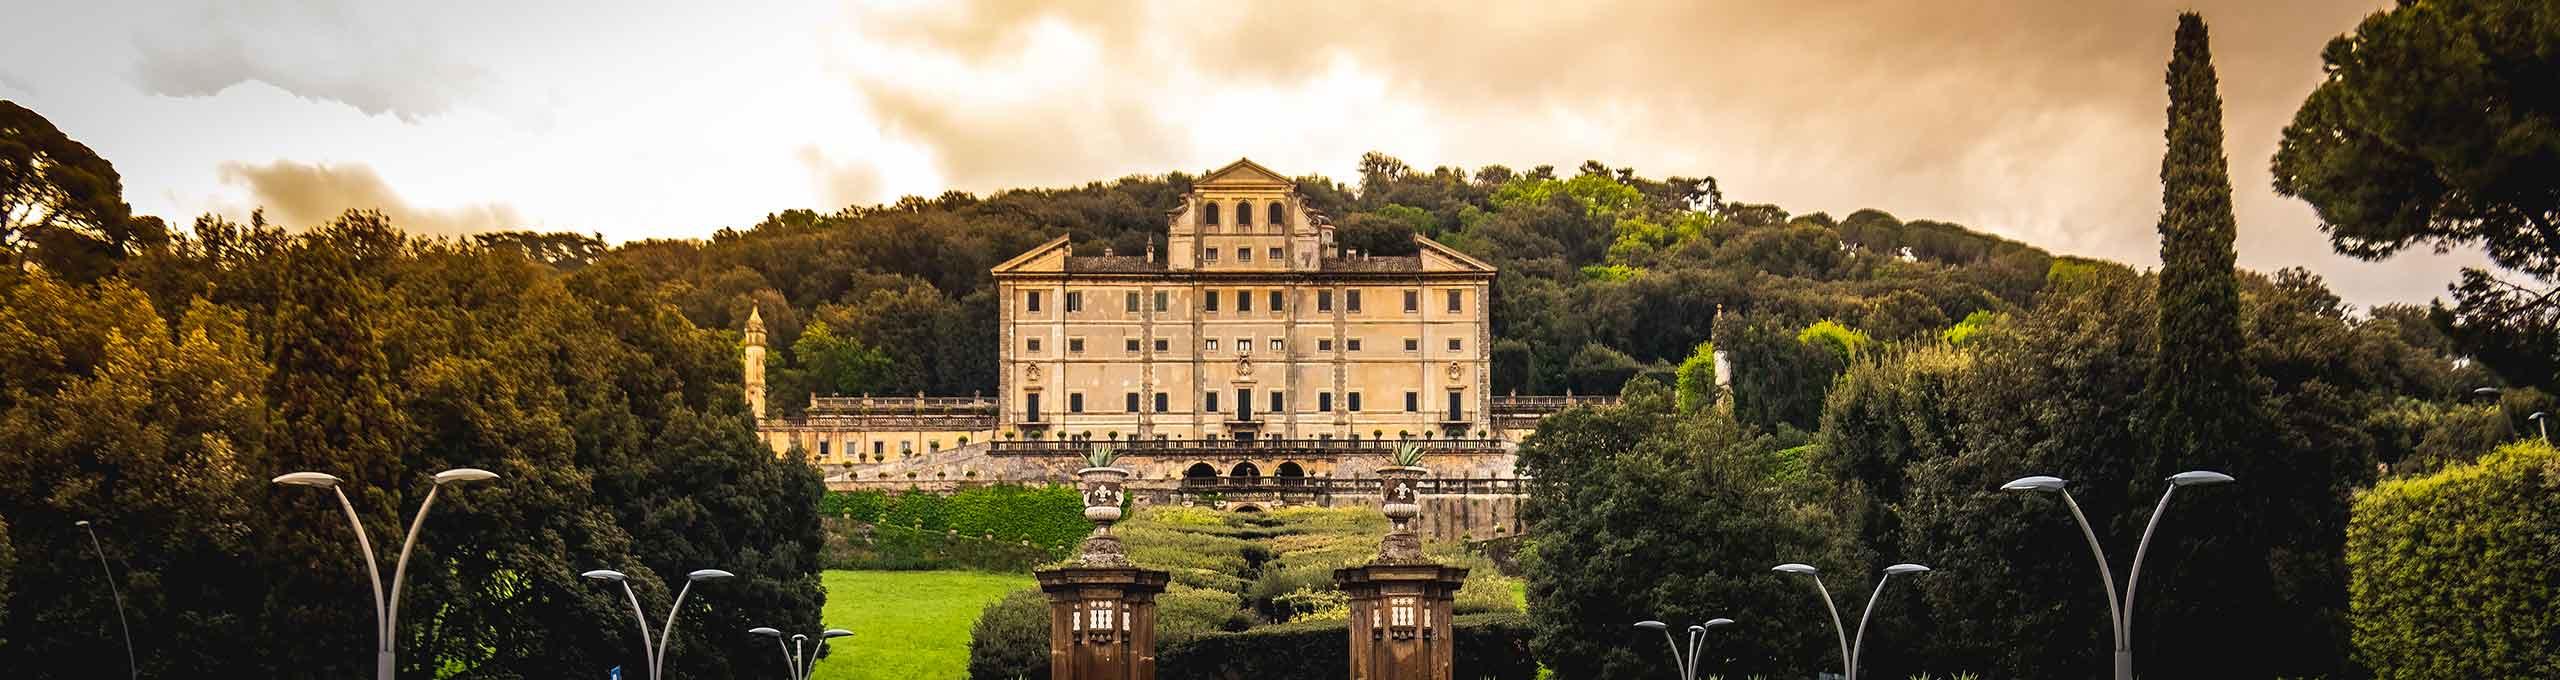 Frascati, Castelli Romani, Villa Aldobrandini